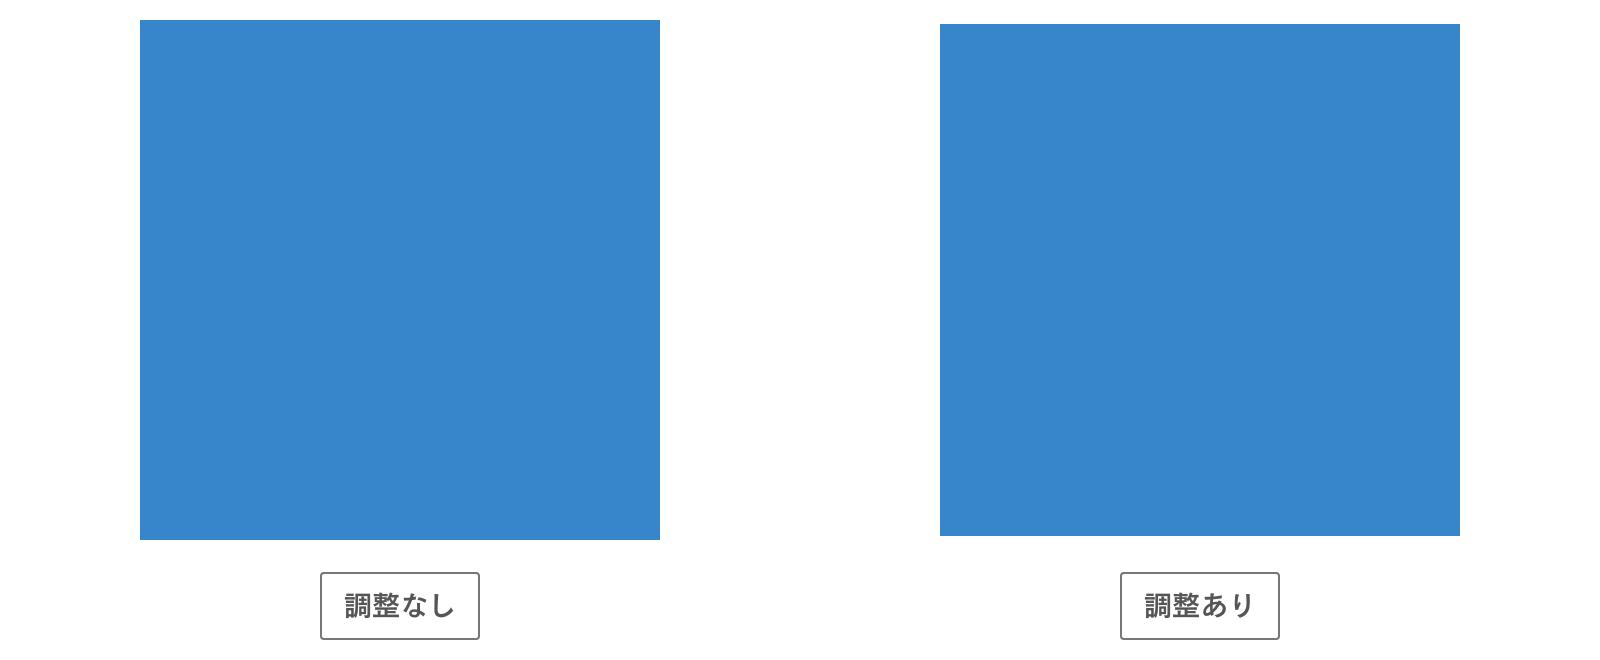 正方形の比較